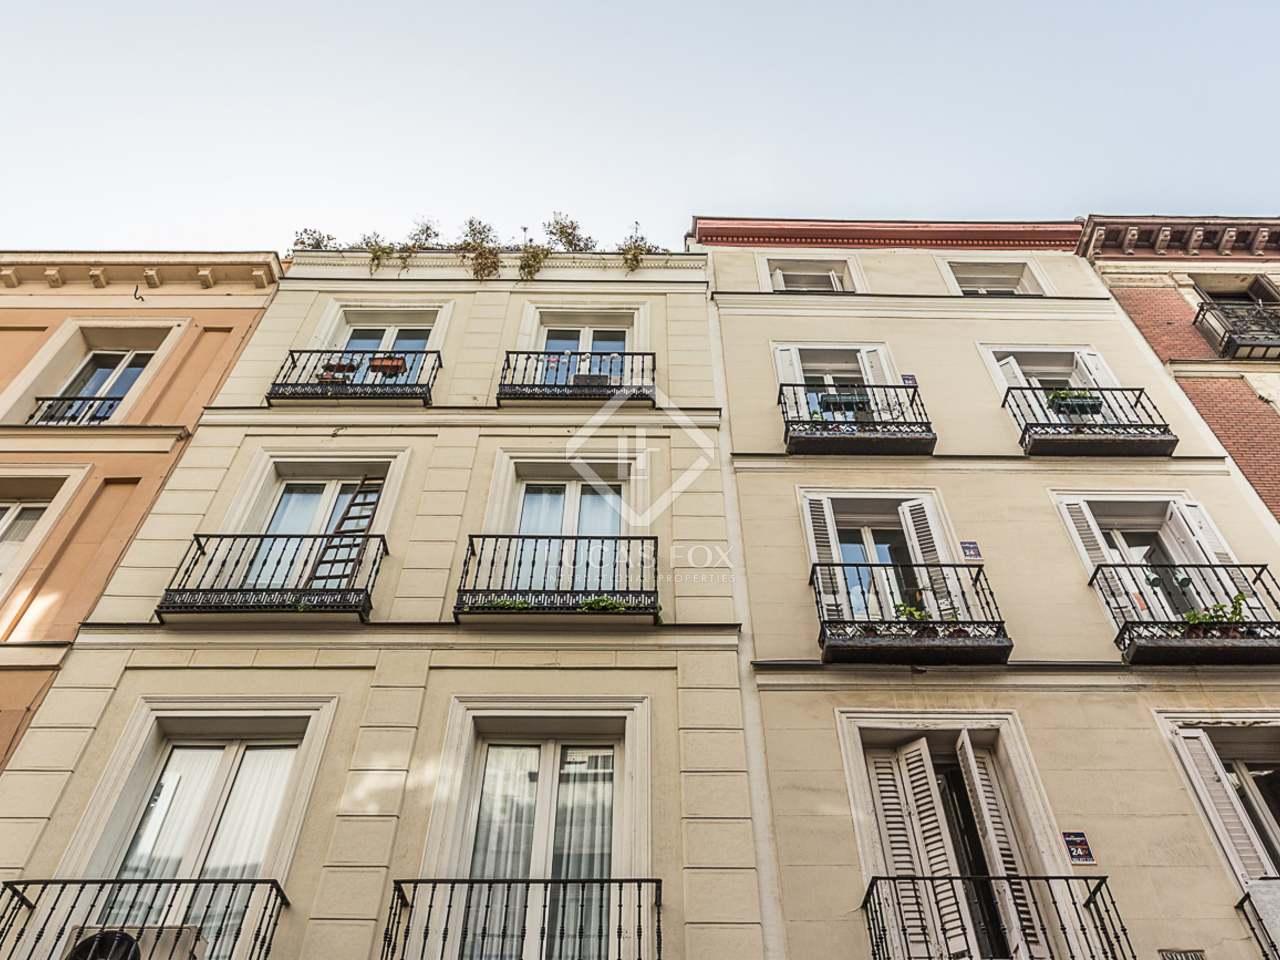 D plex de 2 dormitorios en venta en el centro de madrid - Duplex en madrid ...